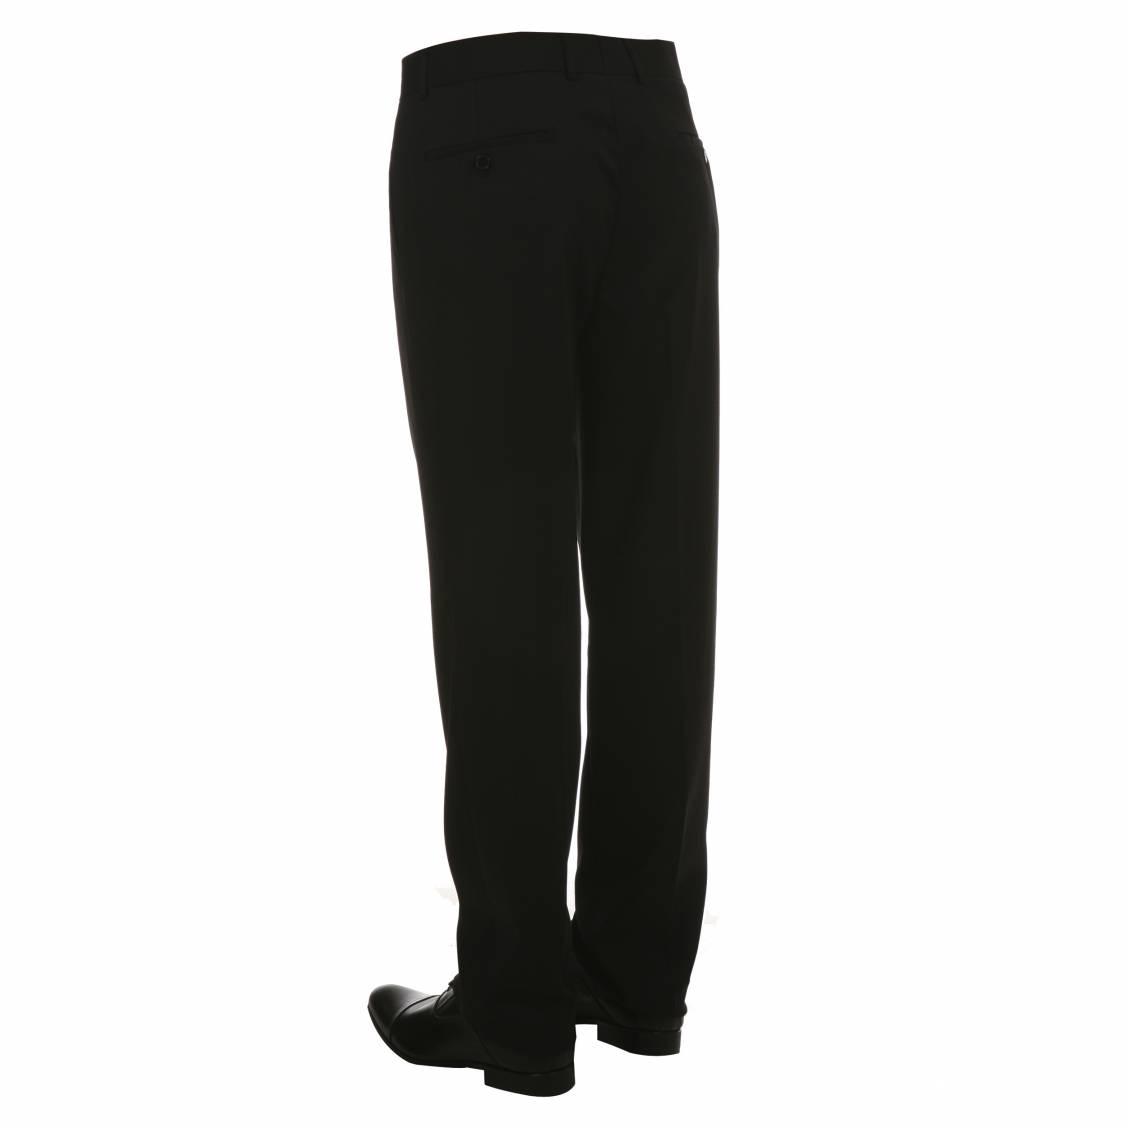 pantalon de costume Touche Finale noir avec poches et doublure